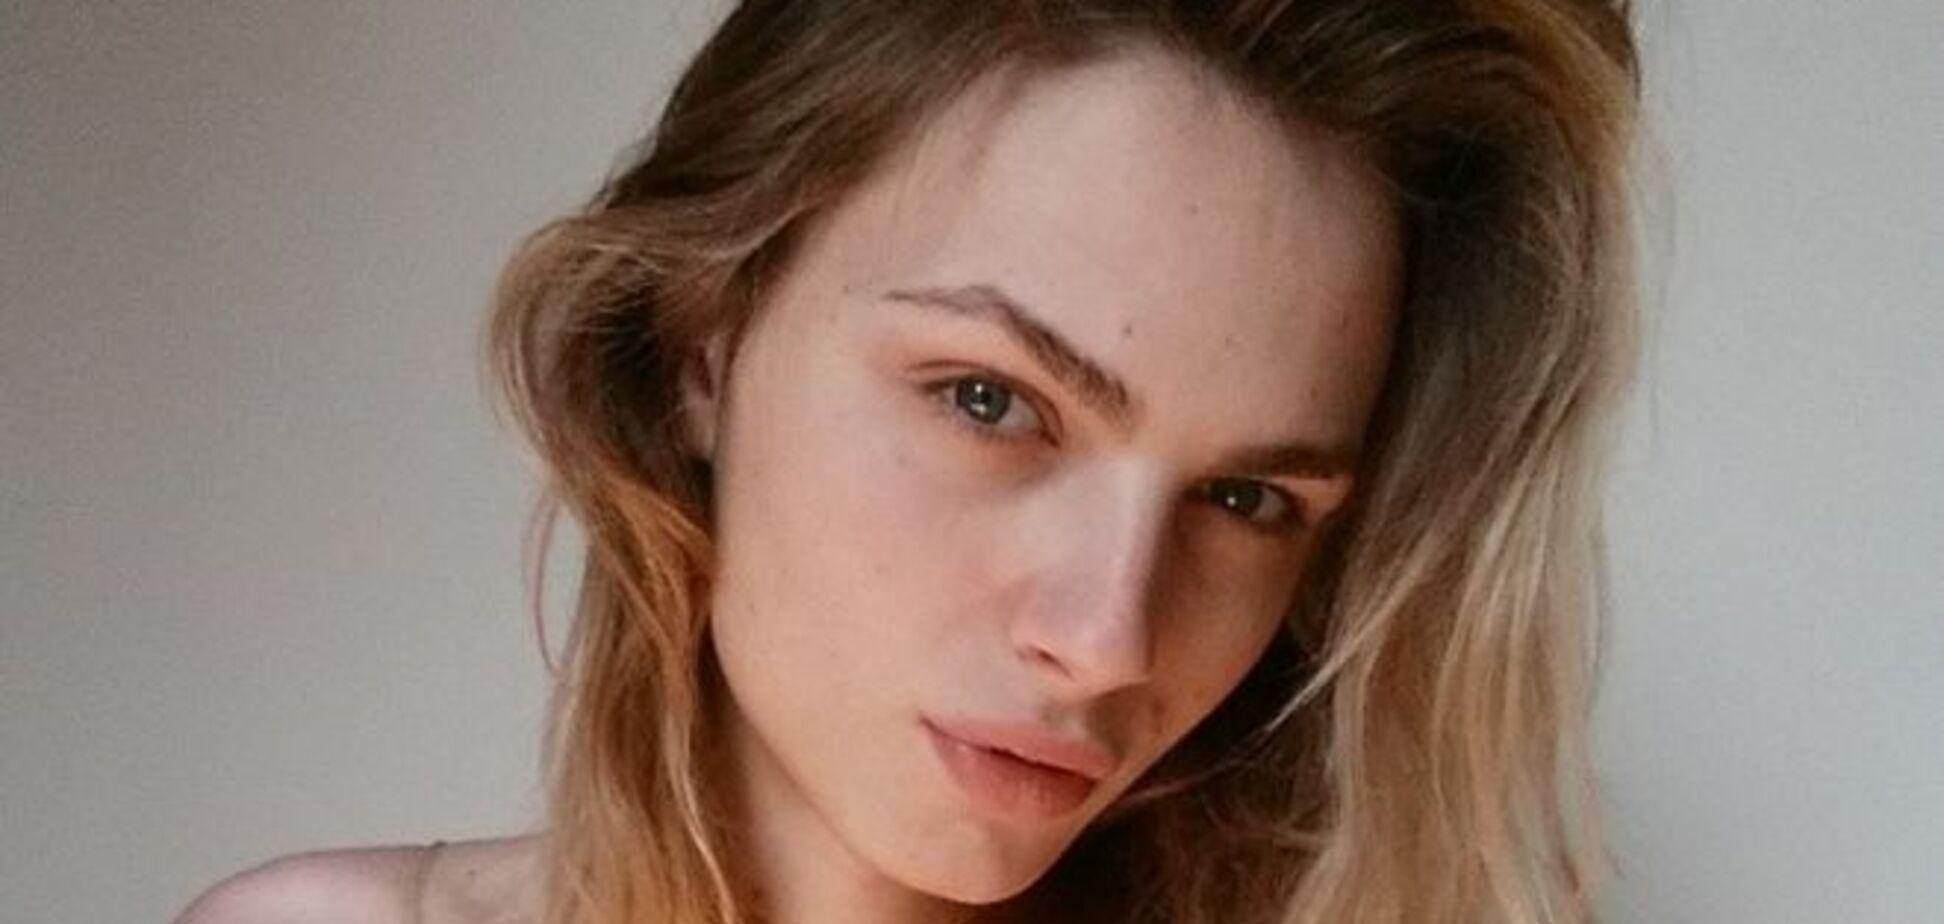 Трансгендерная модель Андрея Пежич похвасталась фигурой в бикини